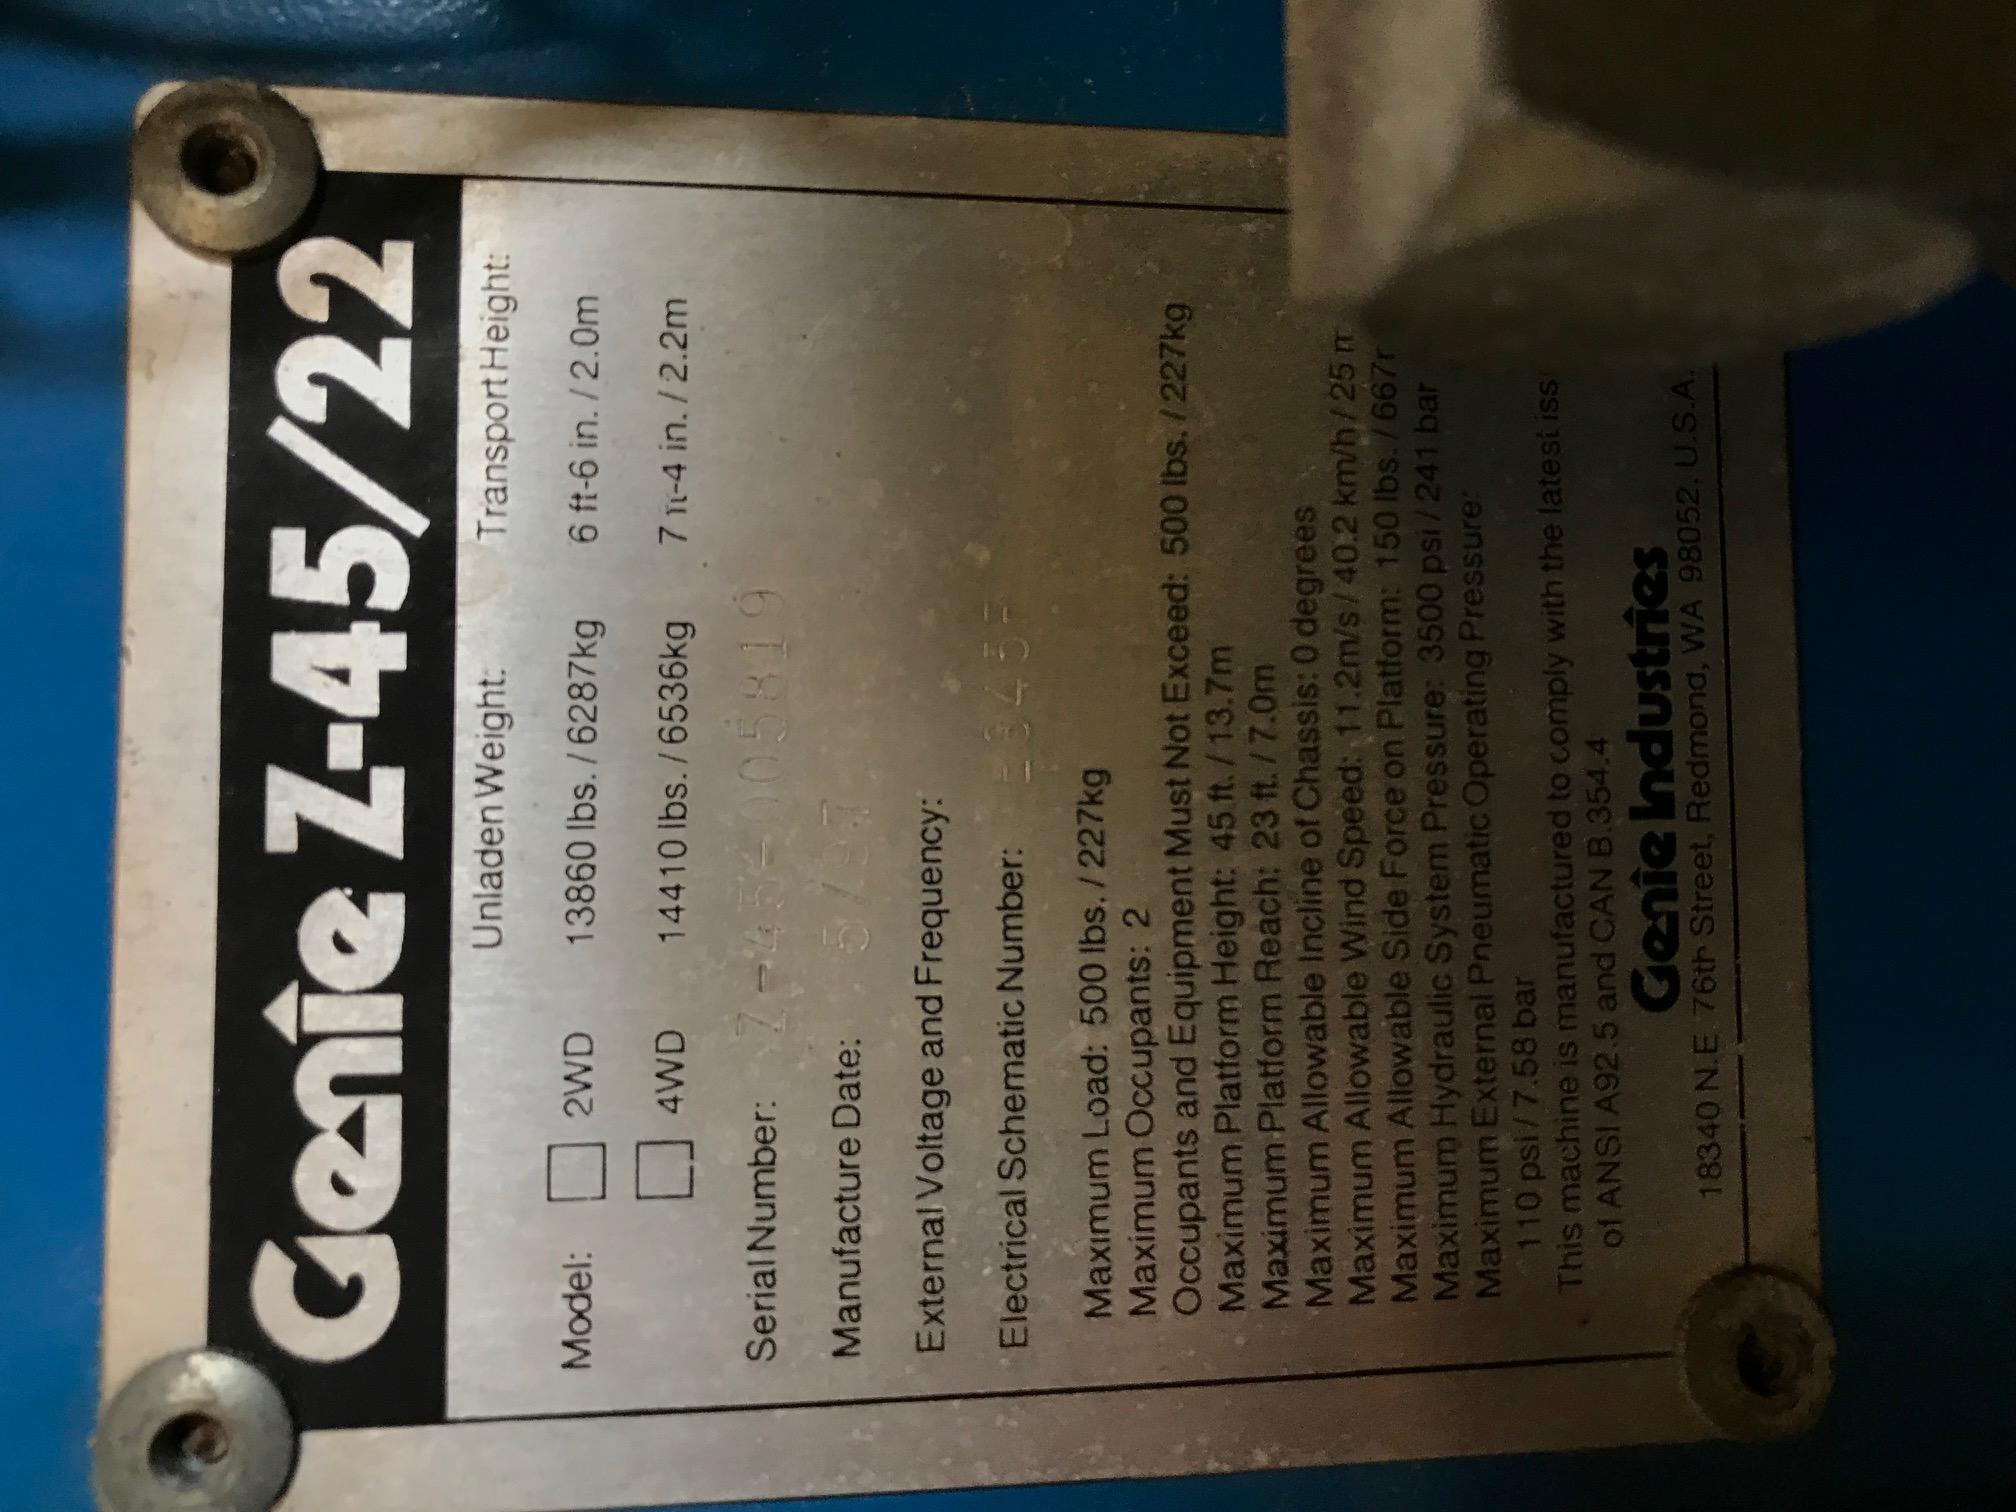 Lot 4 - Genie Z45/22 Knuckle Boom